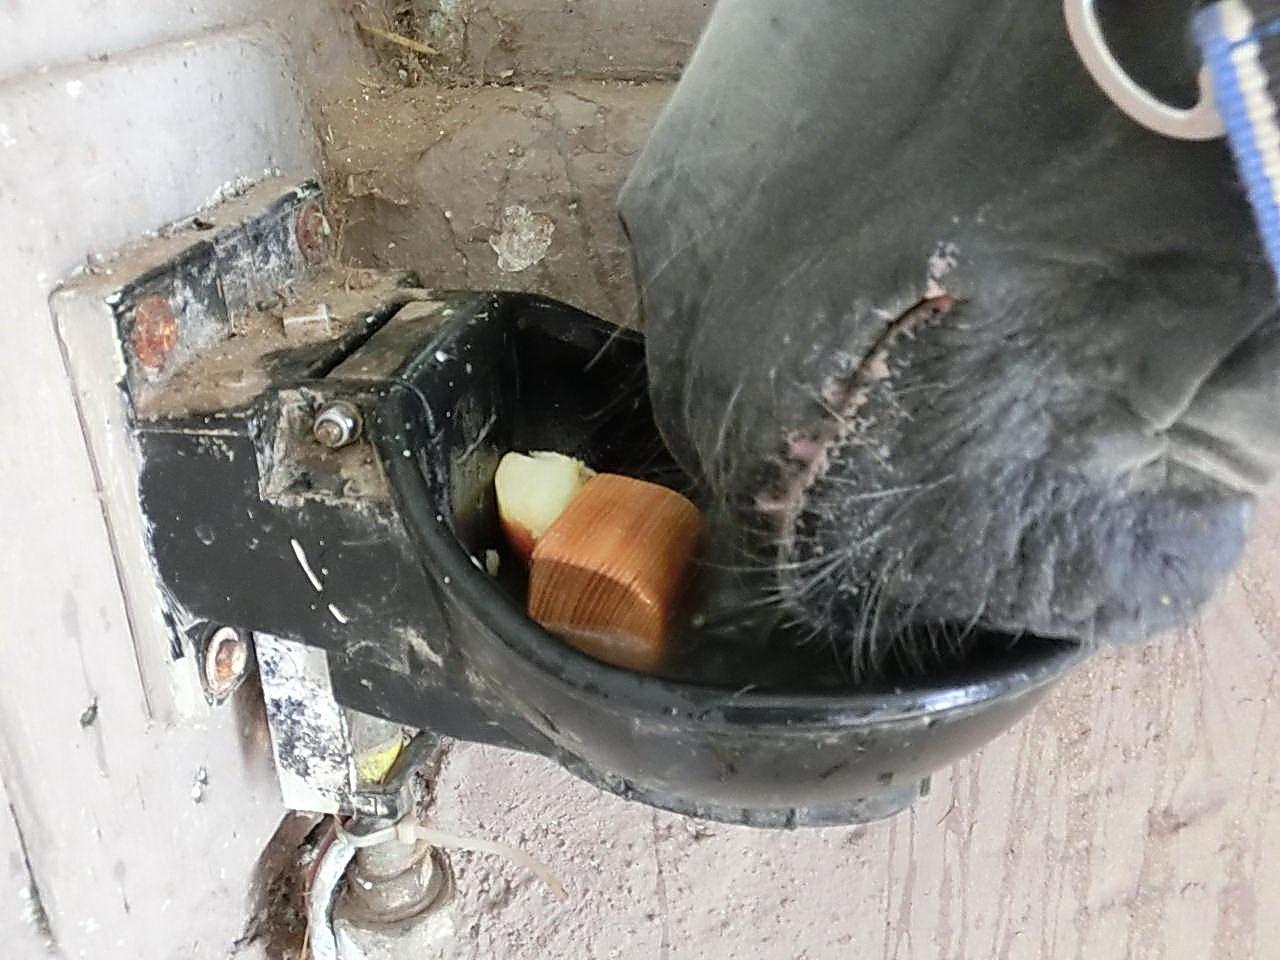 Buschtaxi.net • Problem mit Saufen: Pferd nimmt Tränke nicht an